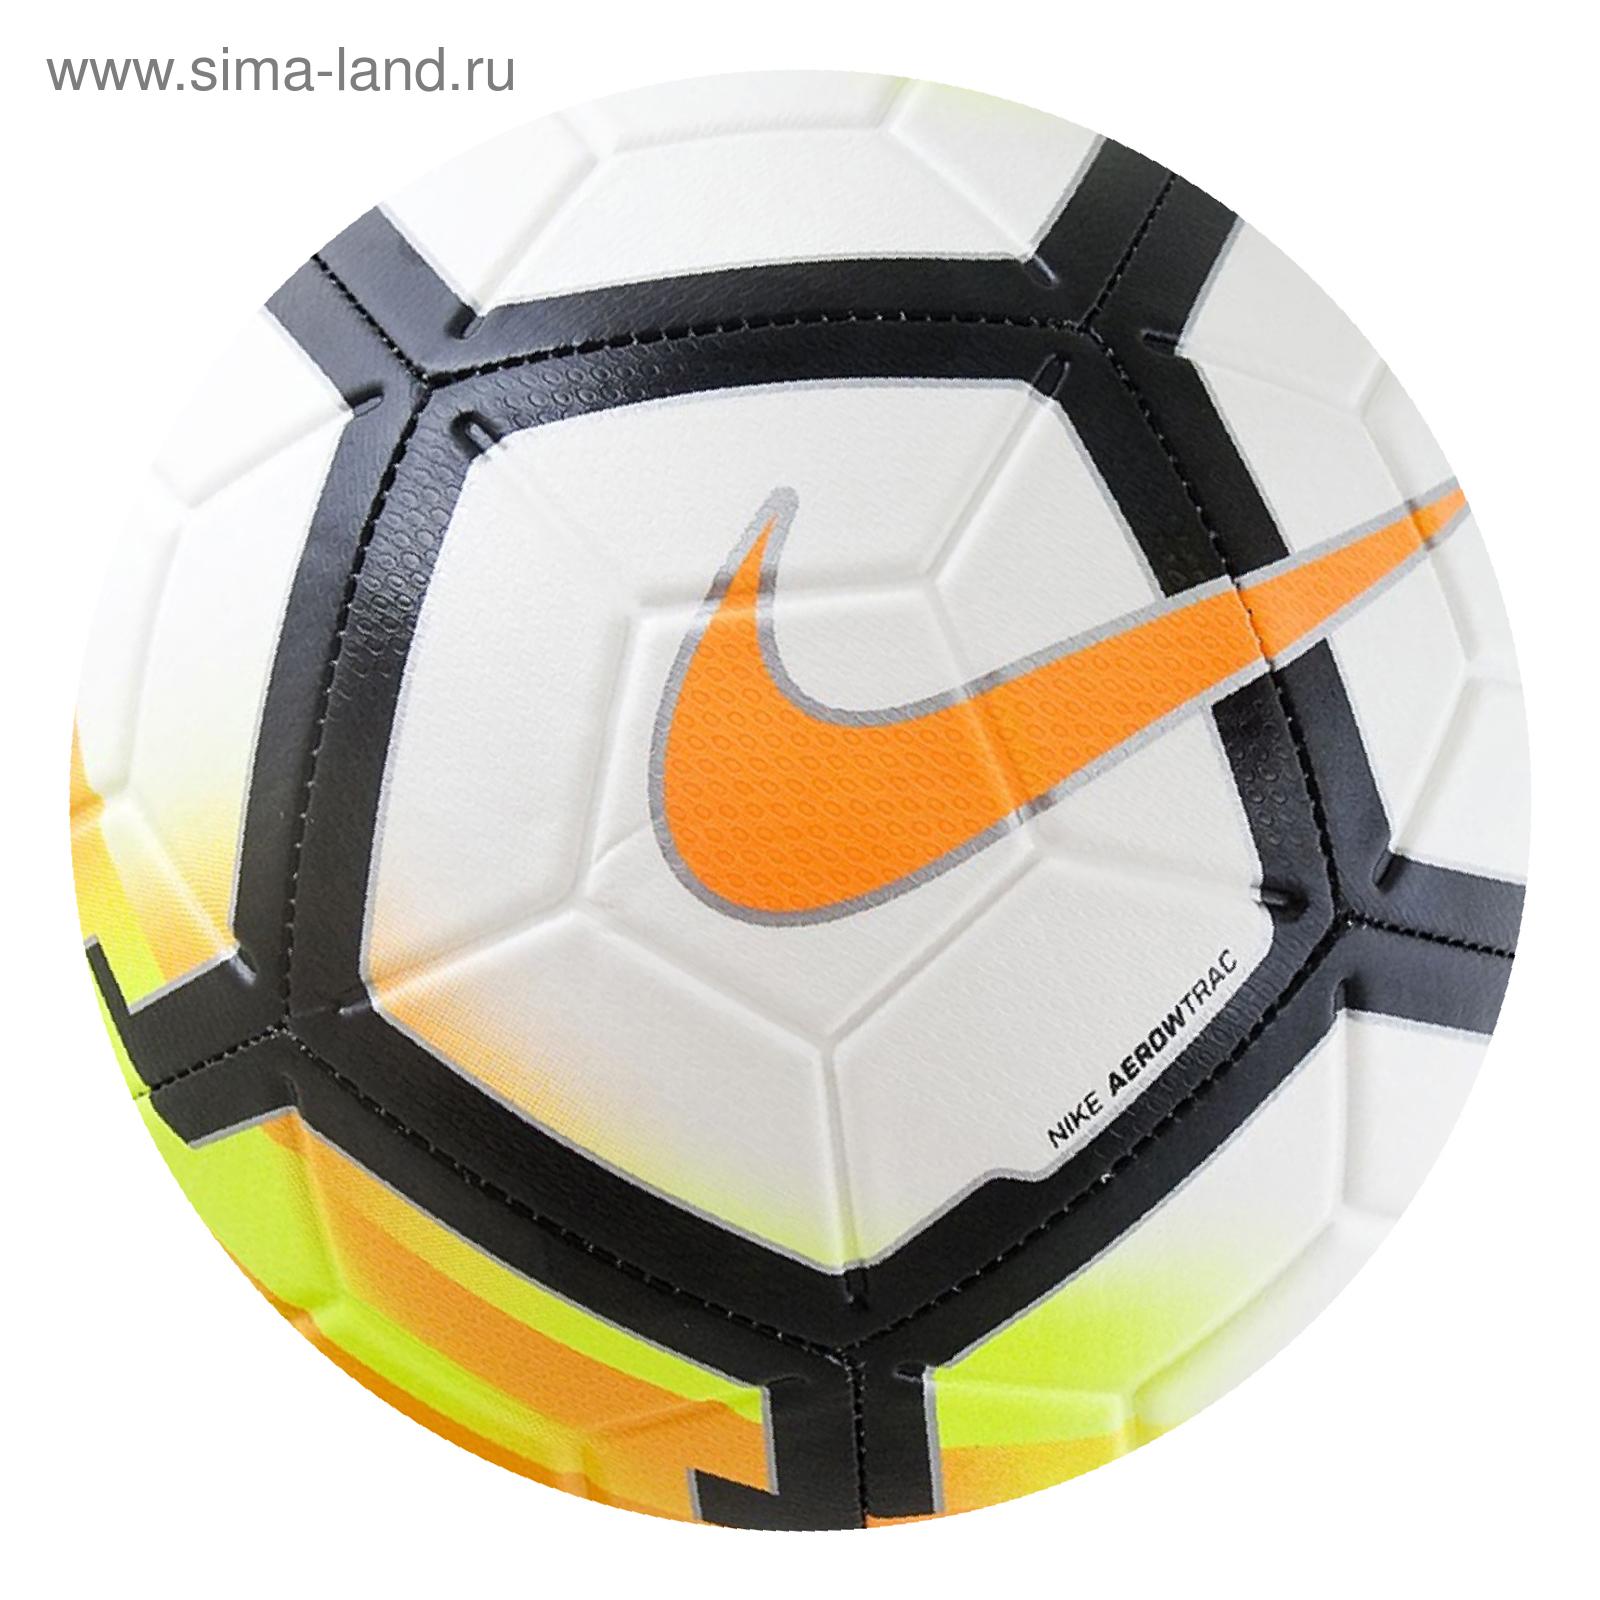 Мяч футбольный NIKE Strike арт.SC3147-100 ab833275b8f86